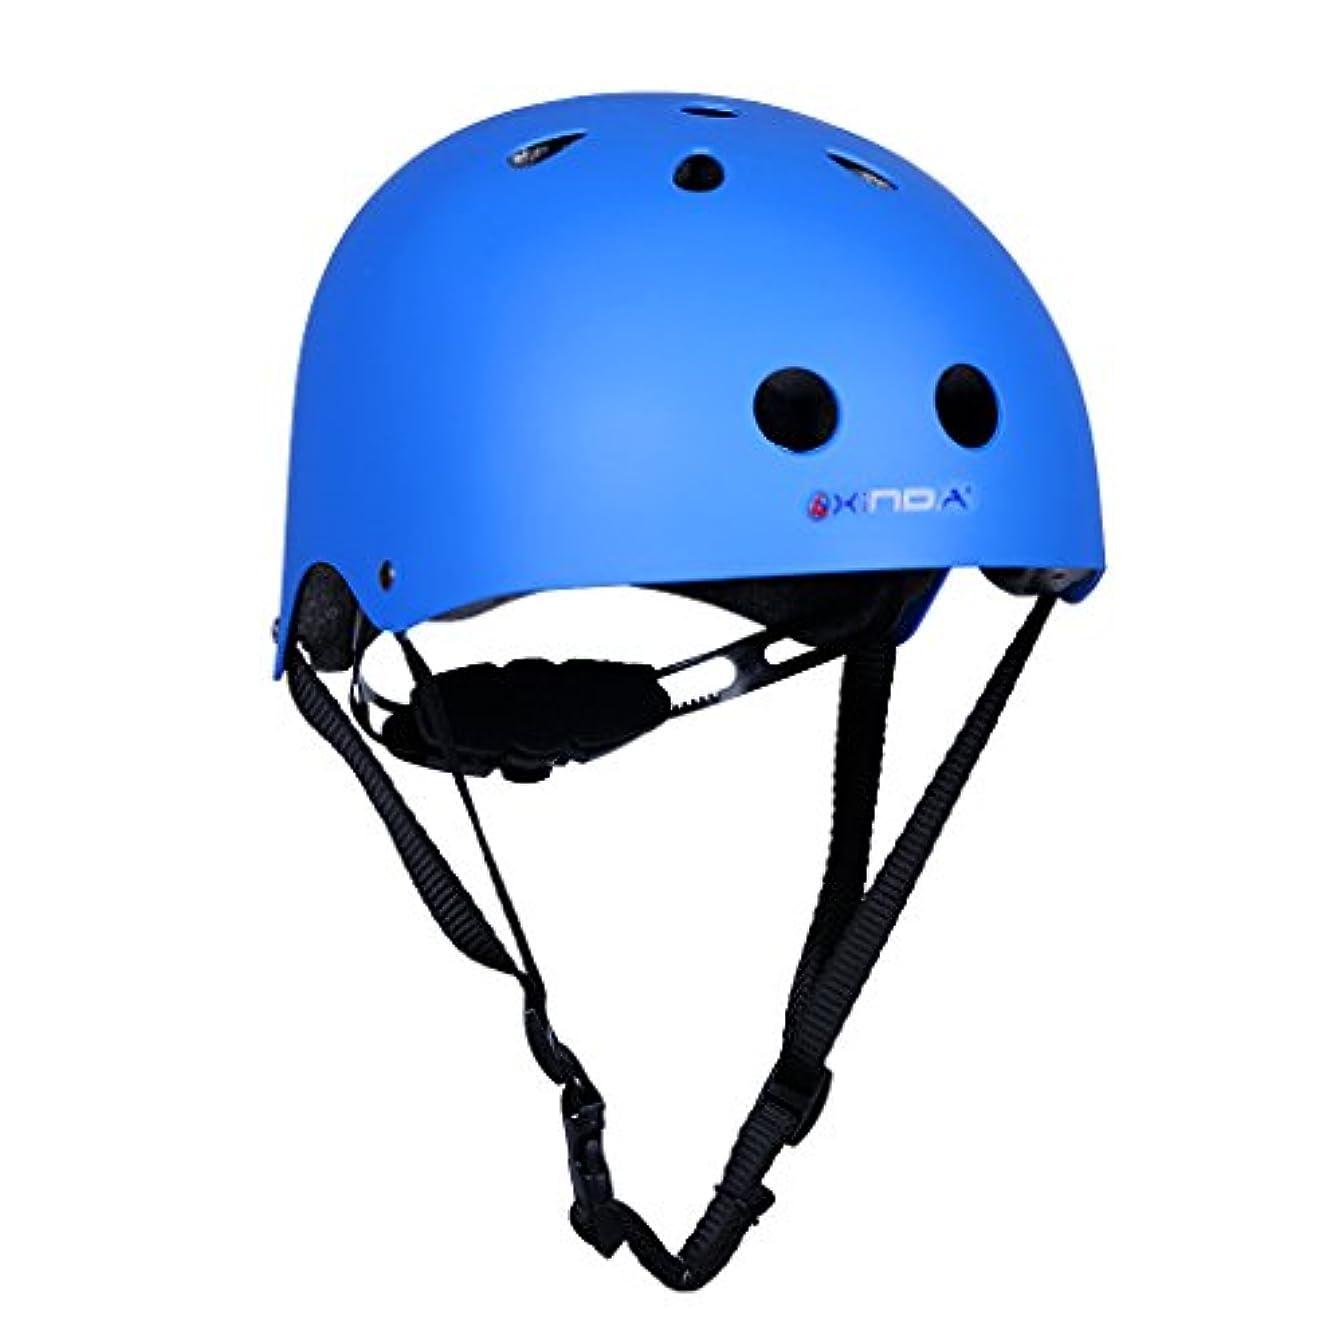 迅速コア確立【ノーブランド品】 クライミング ケイビング 懸垂下降 ヘルメット プロテクター 安全ロック 保護ギア 通気性 全5色